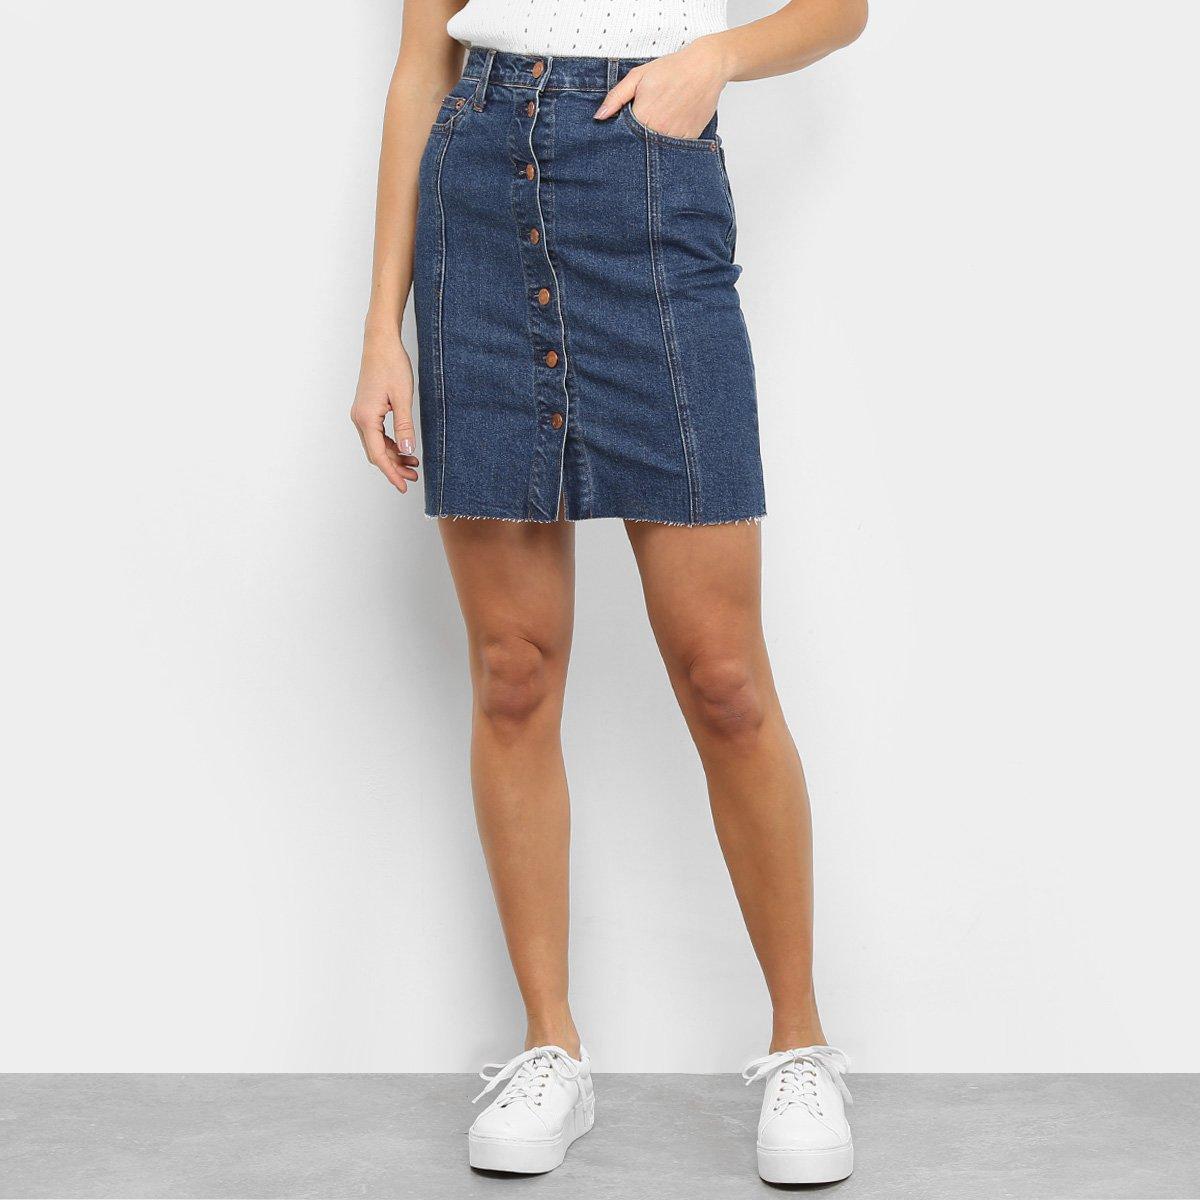 Saia Jeans GAP Botões Cintura Alta